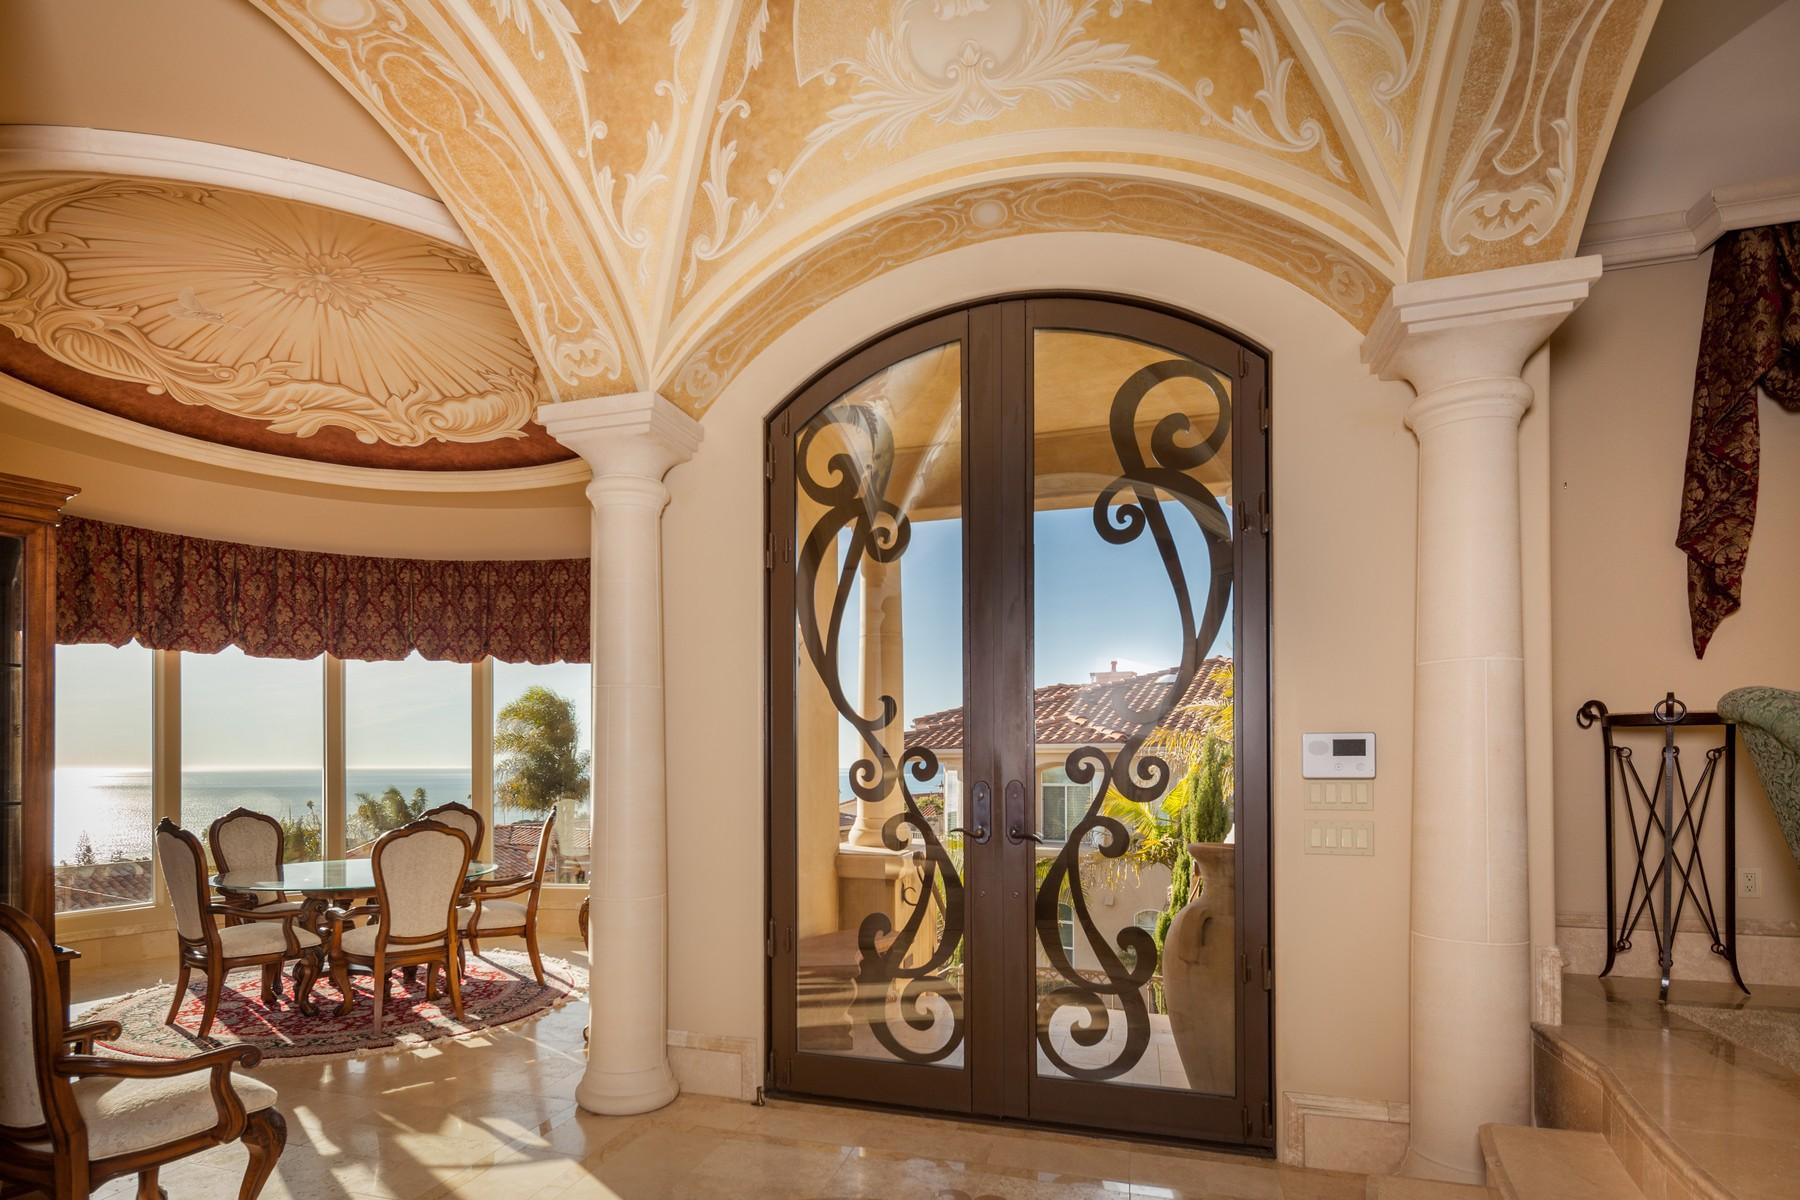 Частный односемейный дом для того Продажа на 2500 Barcelona, Pismo Beach Pismo Beach, Калифорния, 93449 Соединенные Штаты